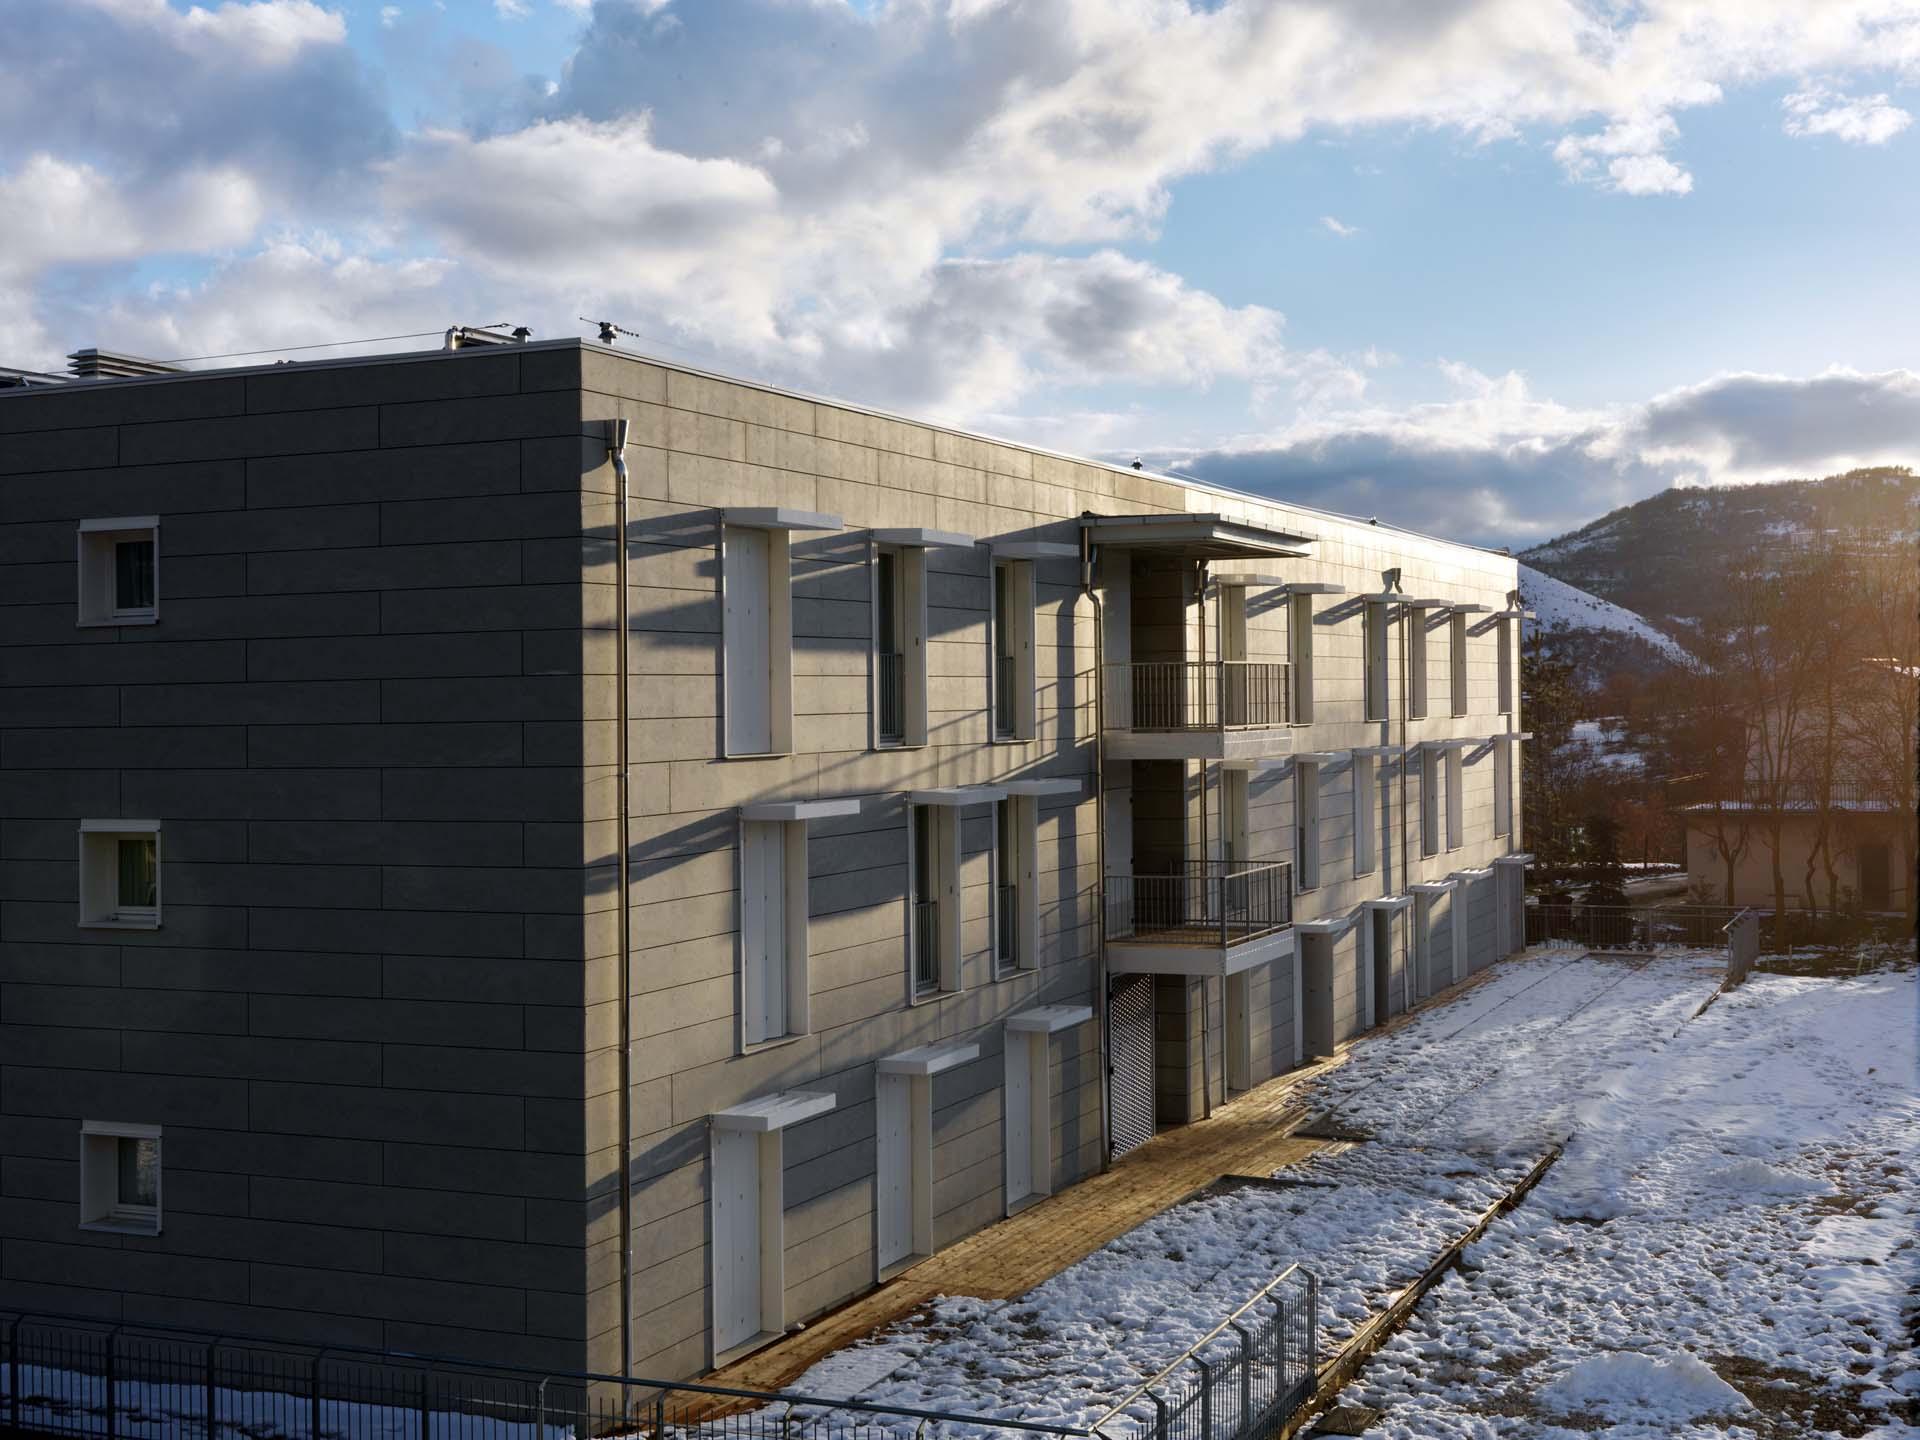 Strutture ricettive ille case in legno tecnologia for Apparecchi di illuminazione per bungalow